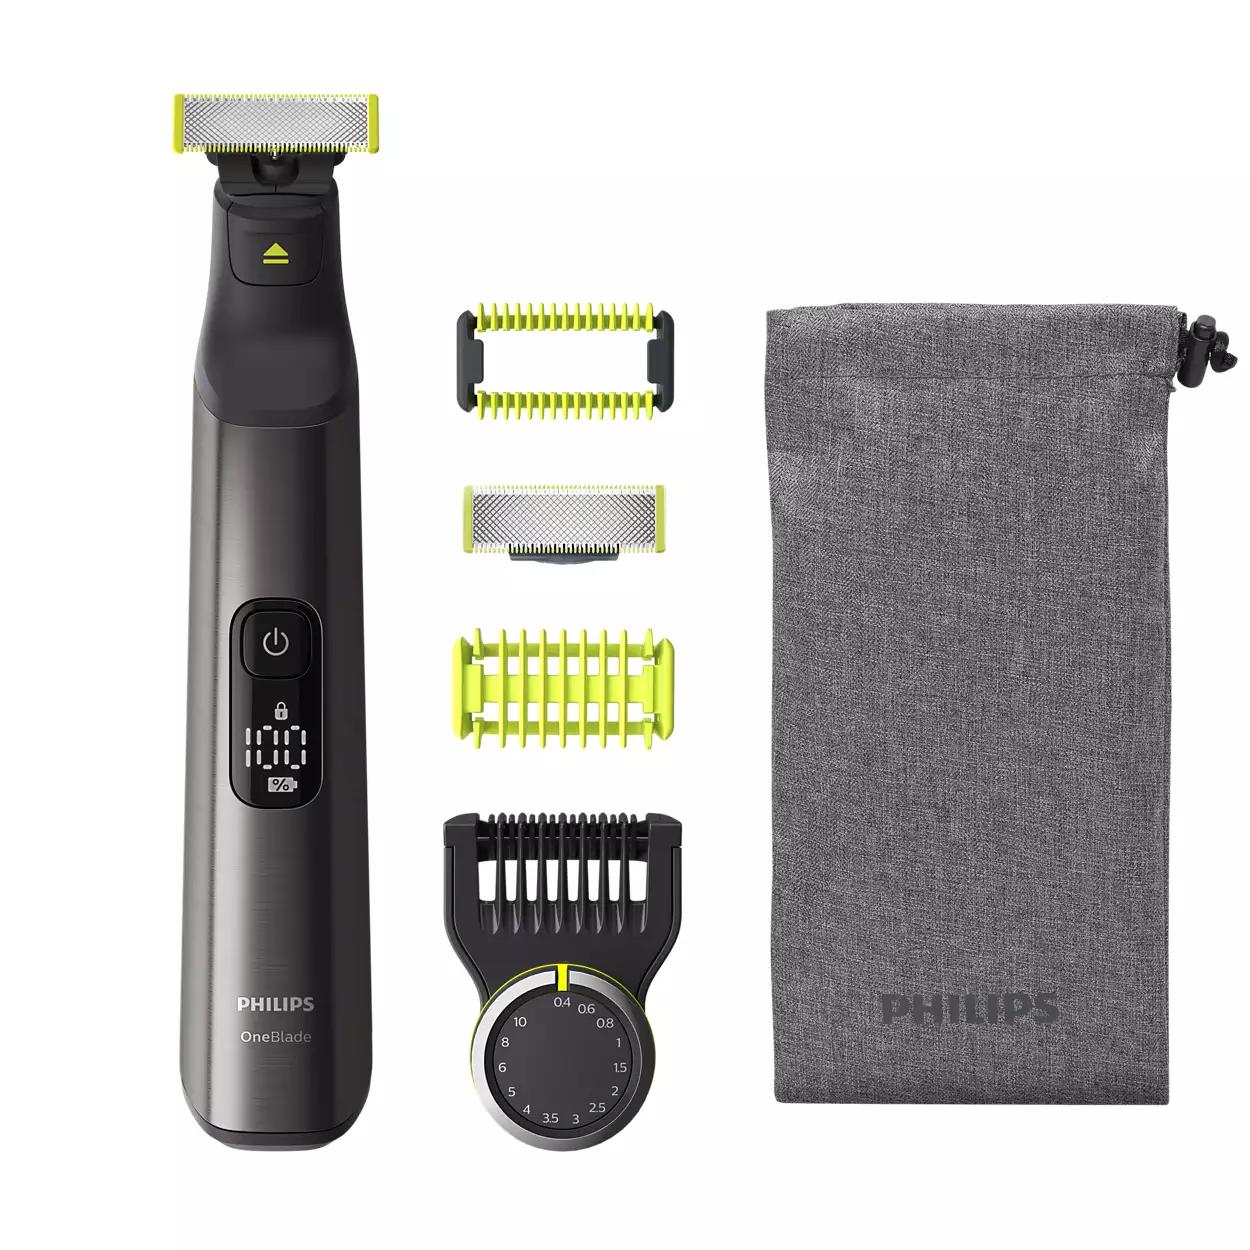 Philips OneBlade Pro Face + Body für 69,99€ mit 10 € Newslettergutschein